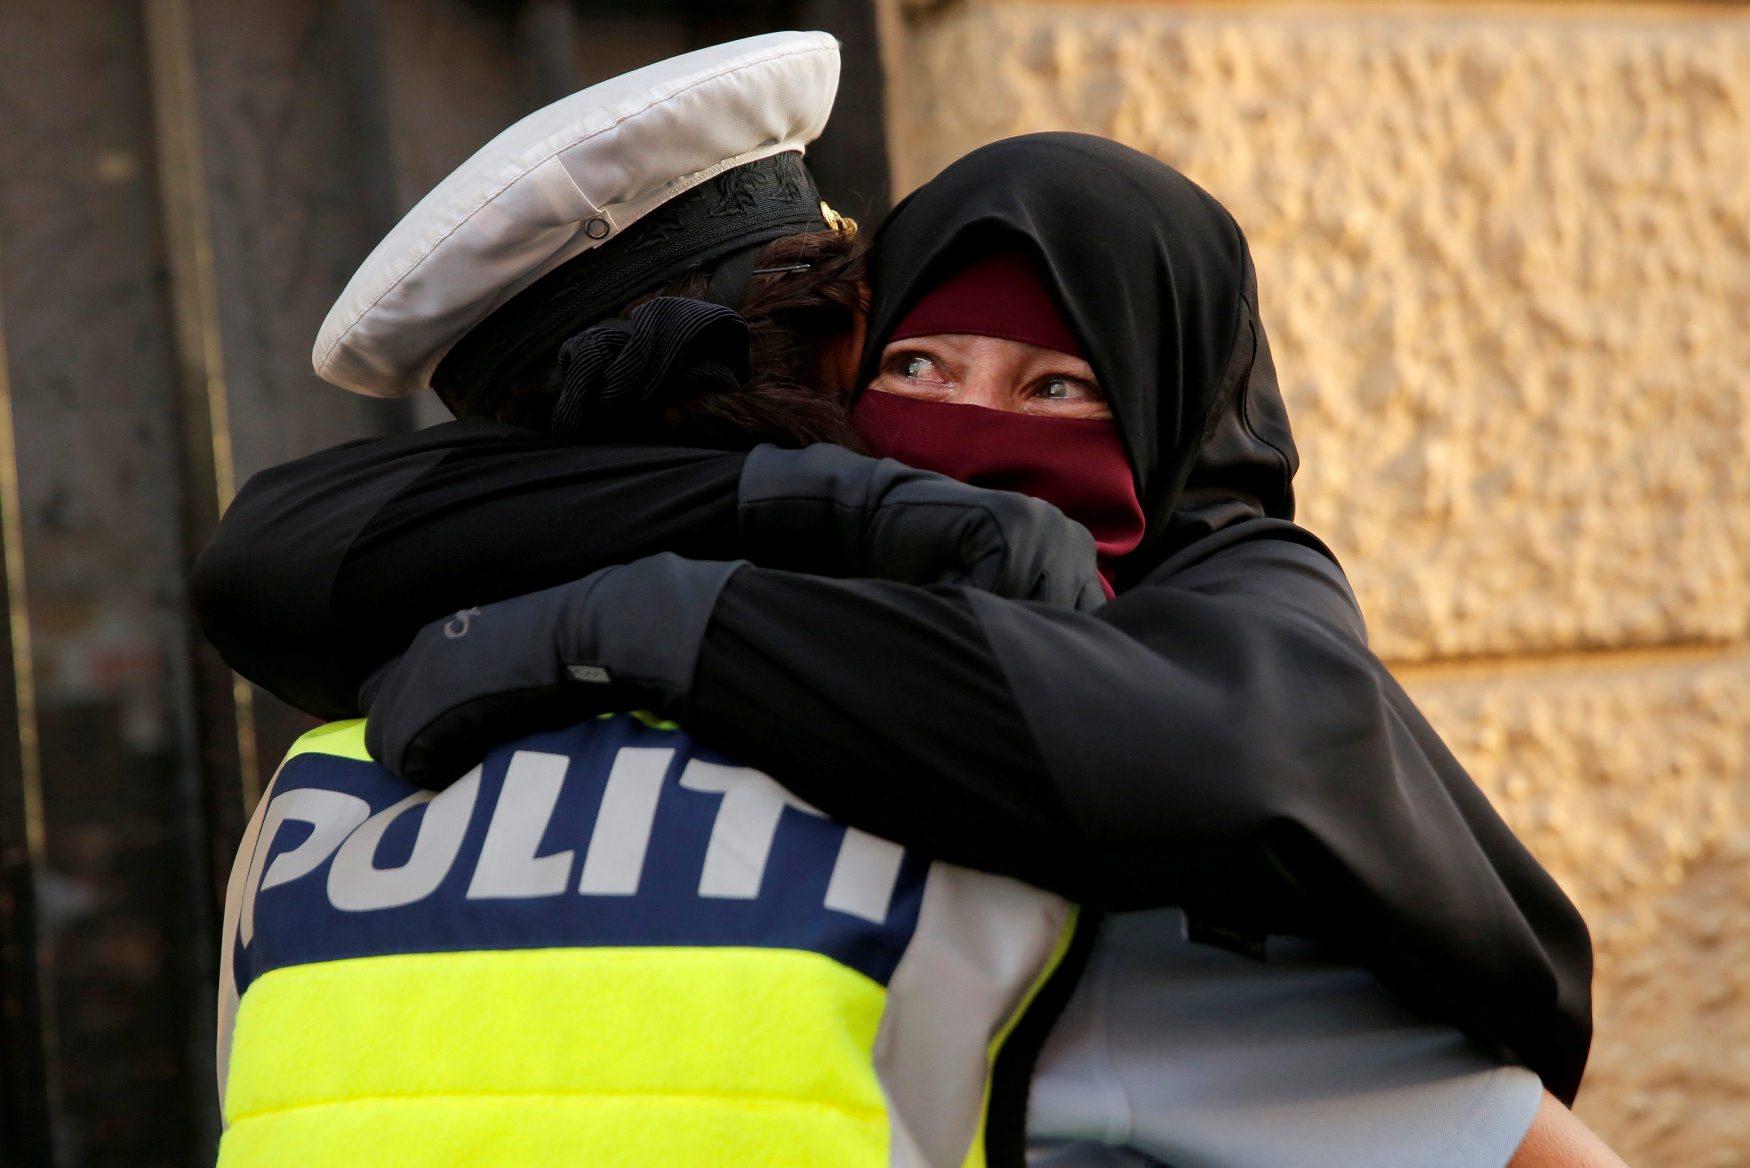 Ayah (37) u suzama dok je grli policajka tijekom prosvjeda protiv zabrane nošenja vela na licu